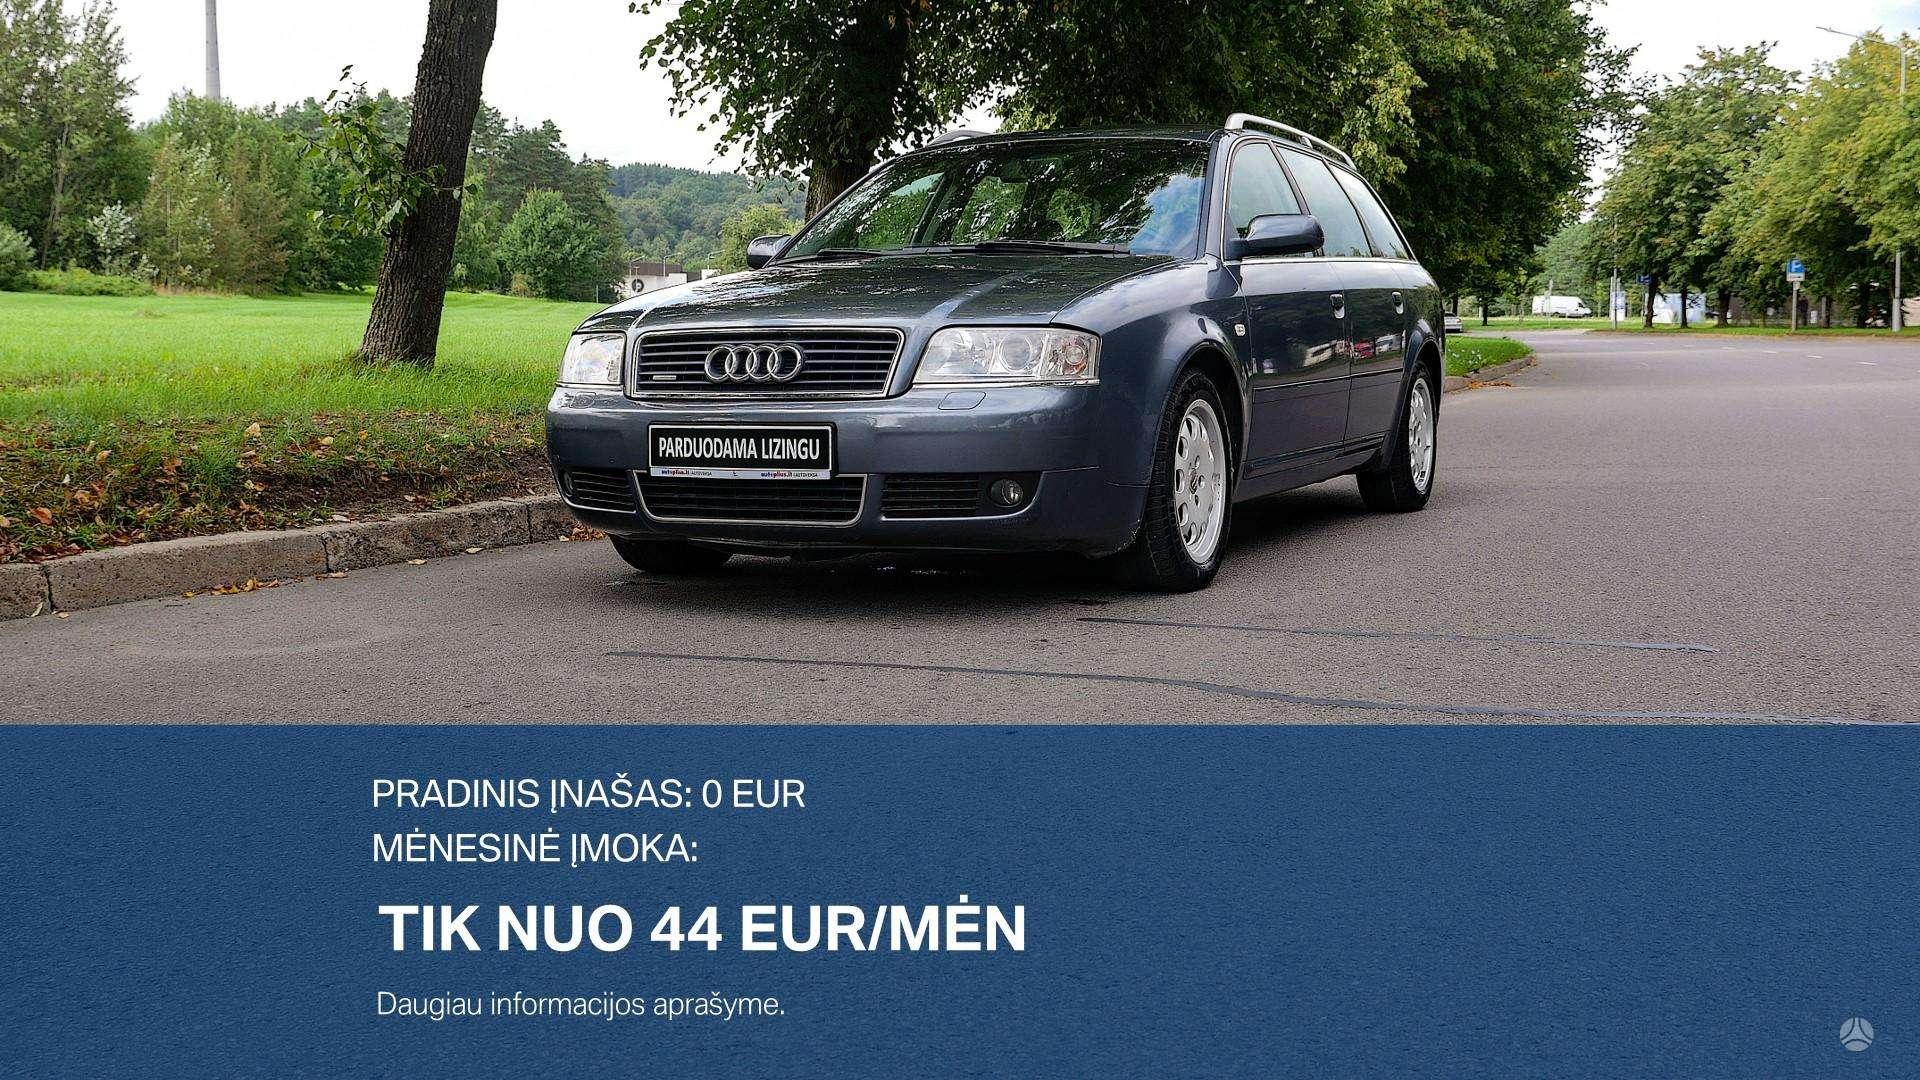 Audi A6 Išsimokėtinai nuo 44Eur/Mėn su 3 mėnesių garantija